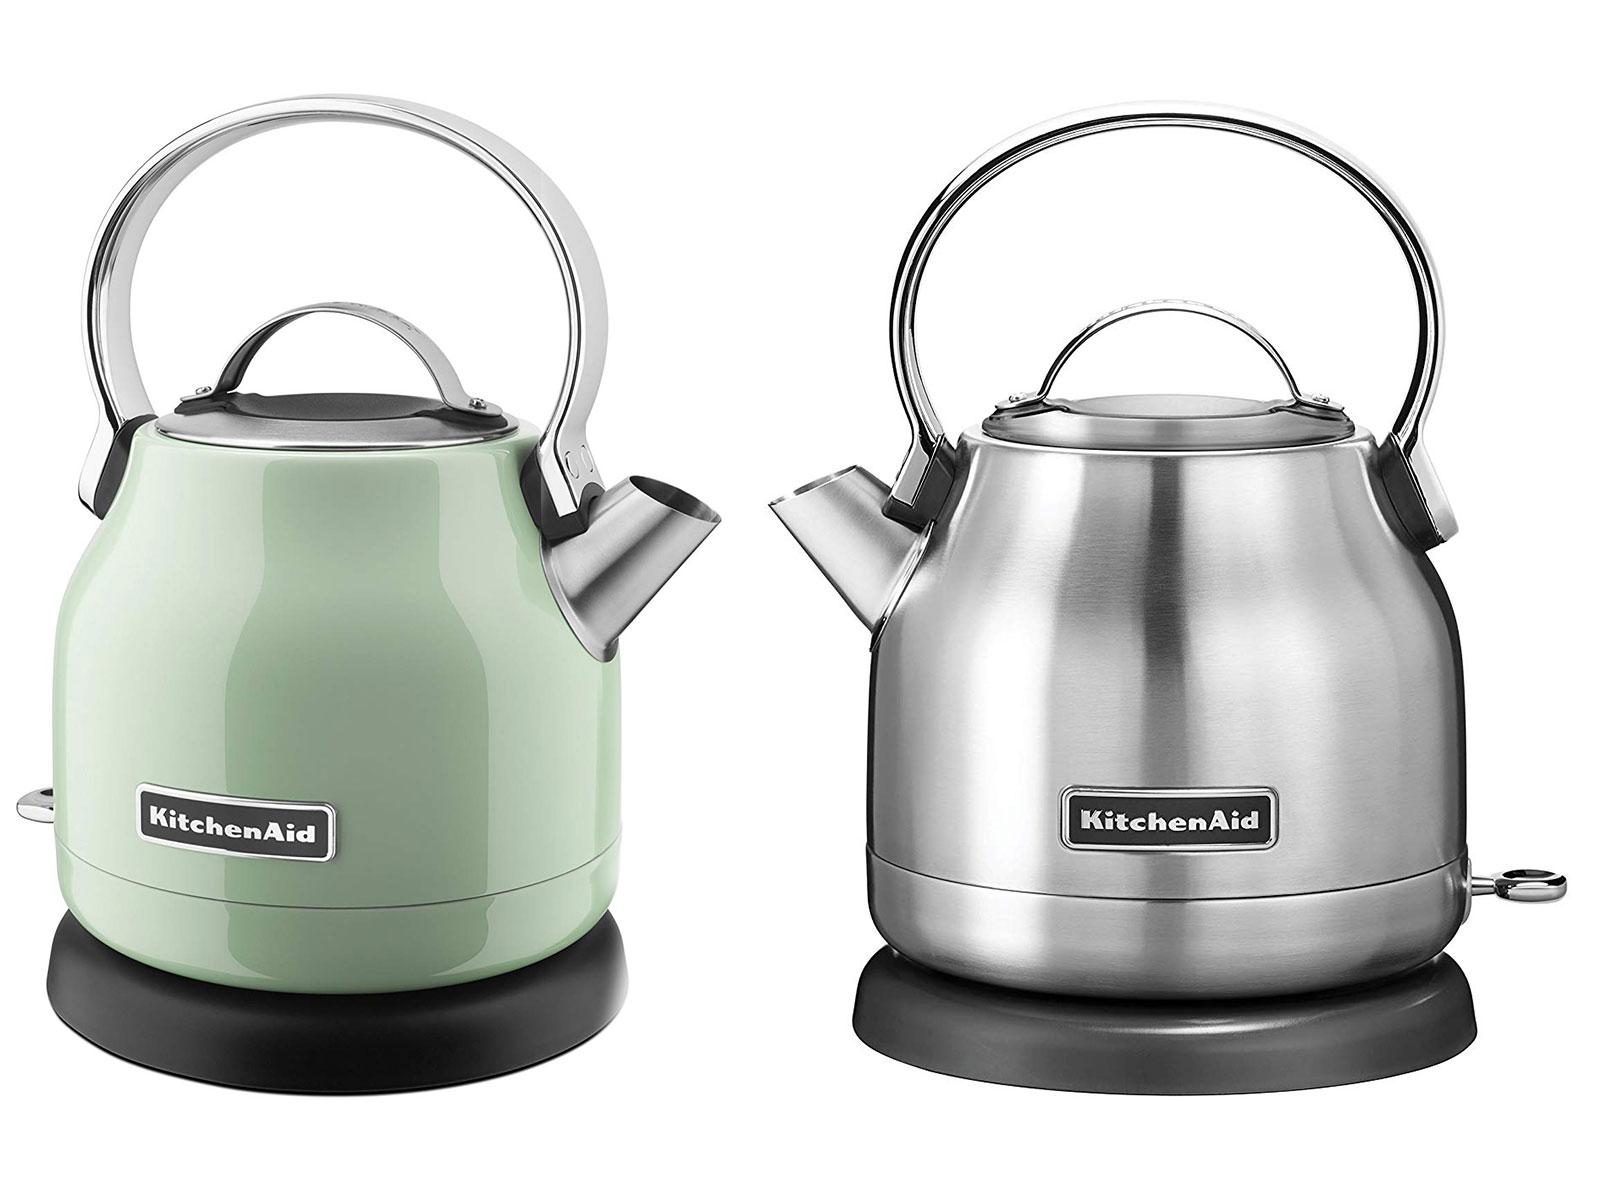 kitchenaid kettles